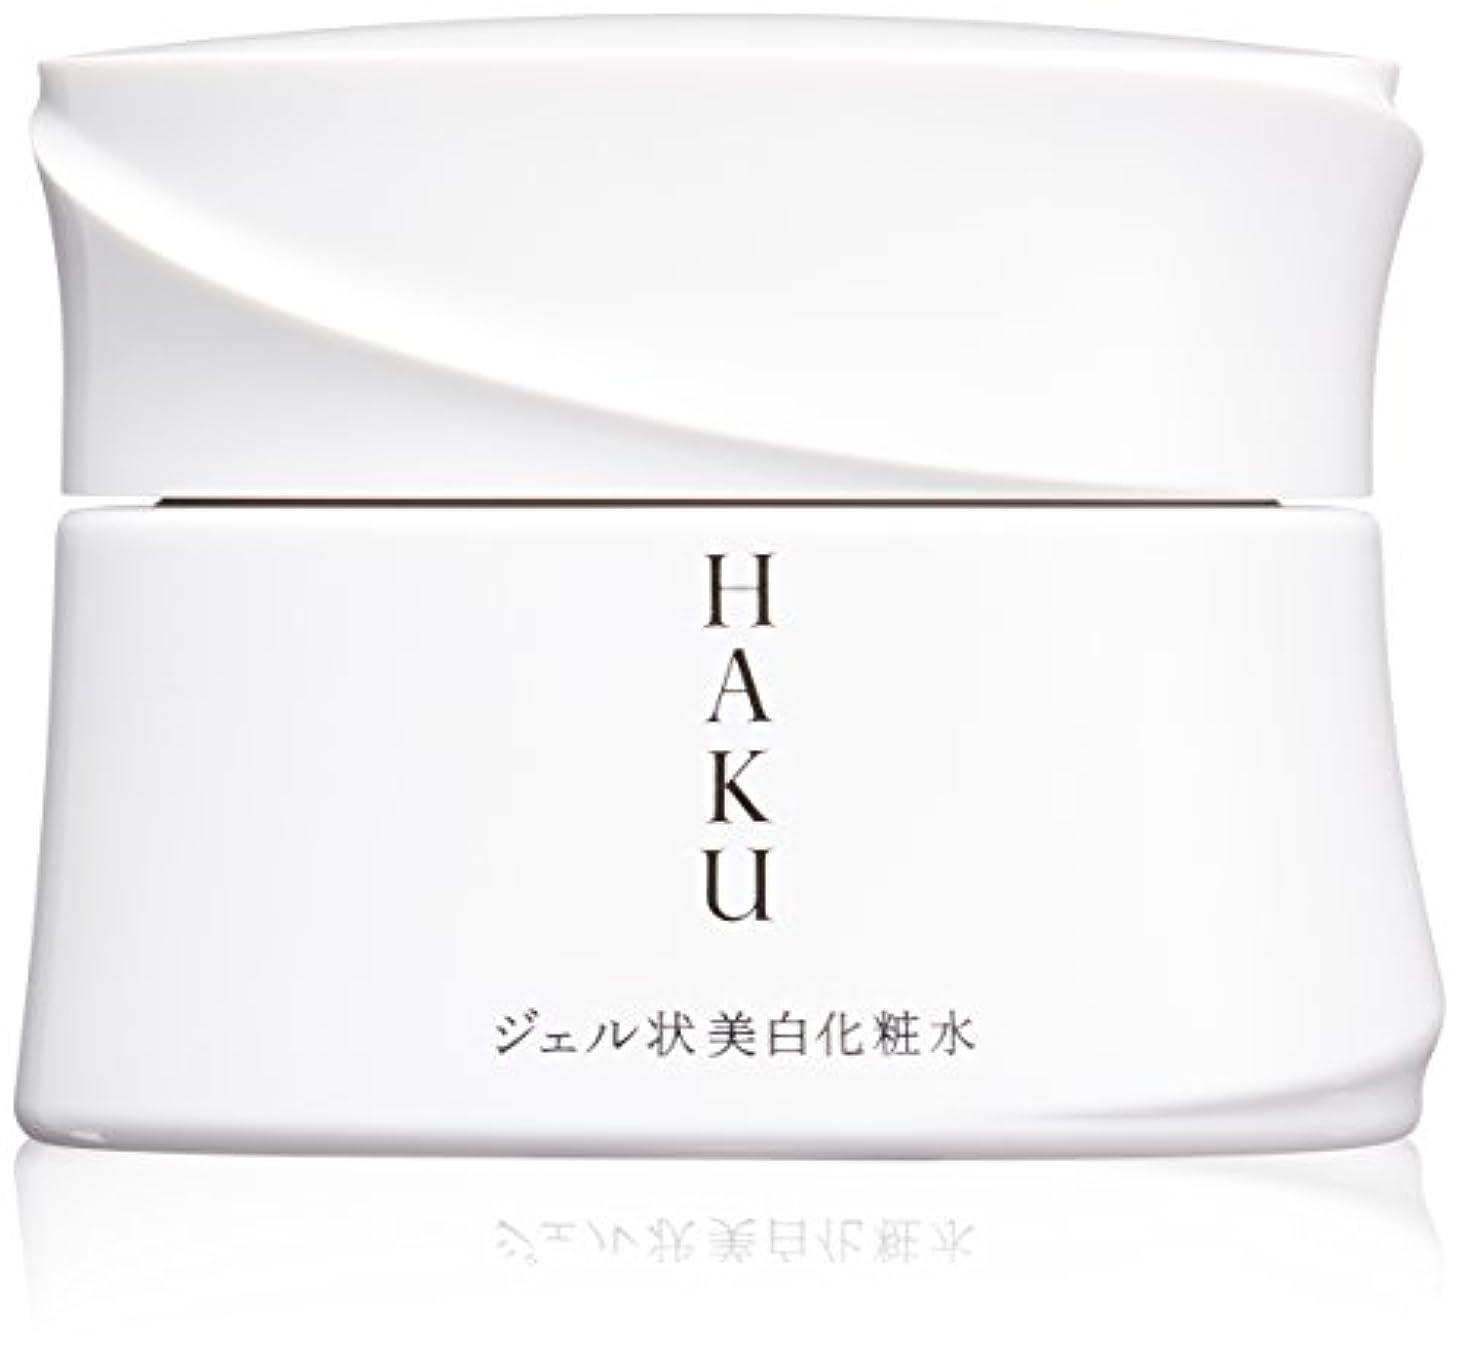 政治縁追放HAKU メラノディープモイスチャー 美白化粧水 100g 【医薬部外品】